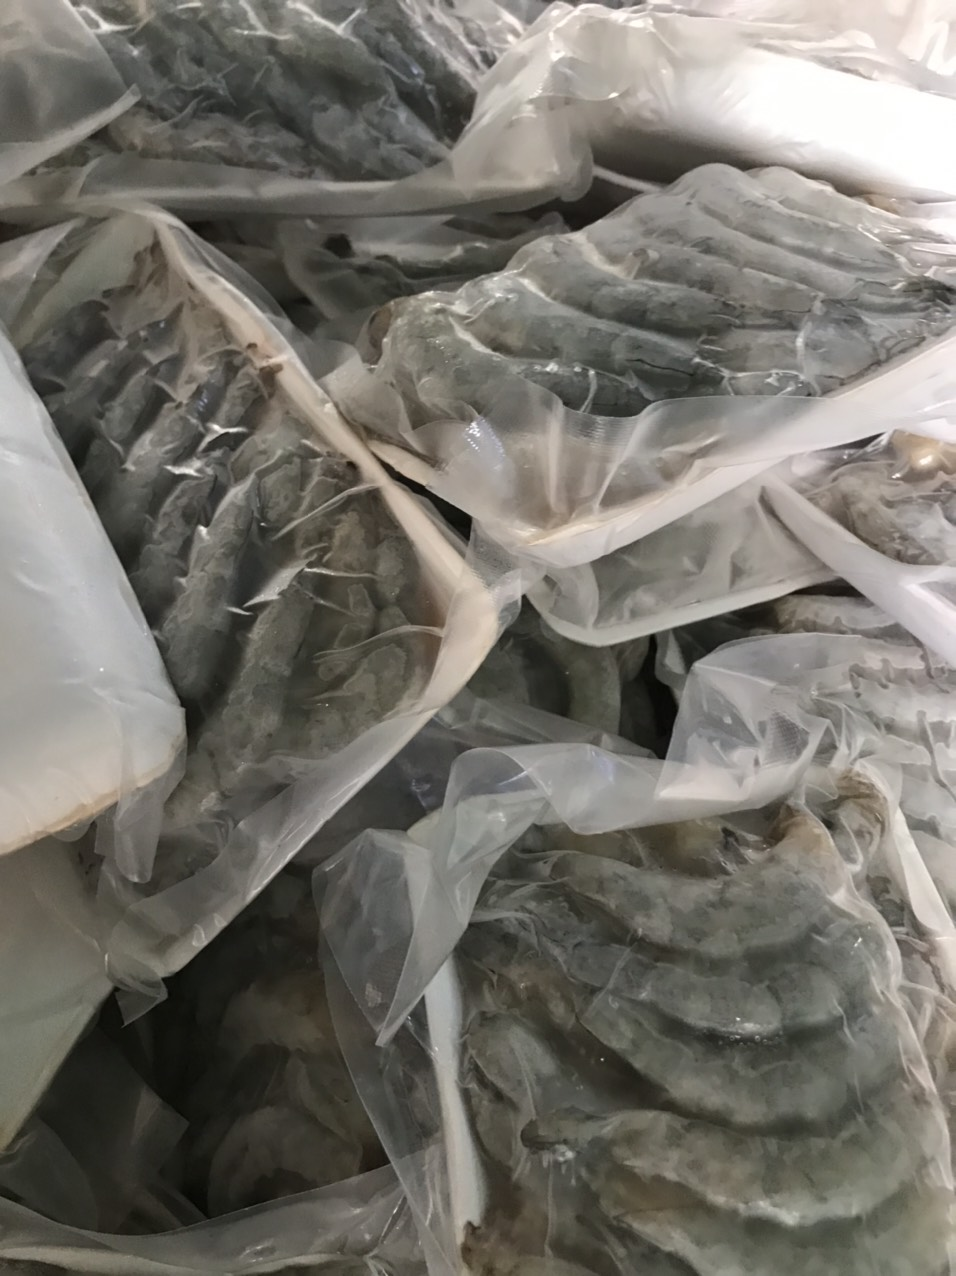 Tôm Tươi Bóc Nõn Phan Thiết - Hải Sản Sạch Hải Tuấn